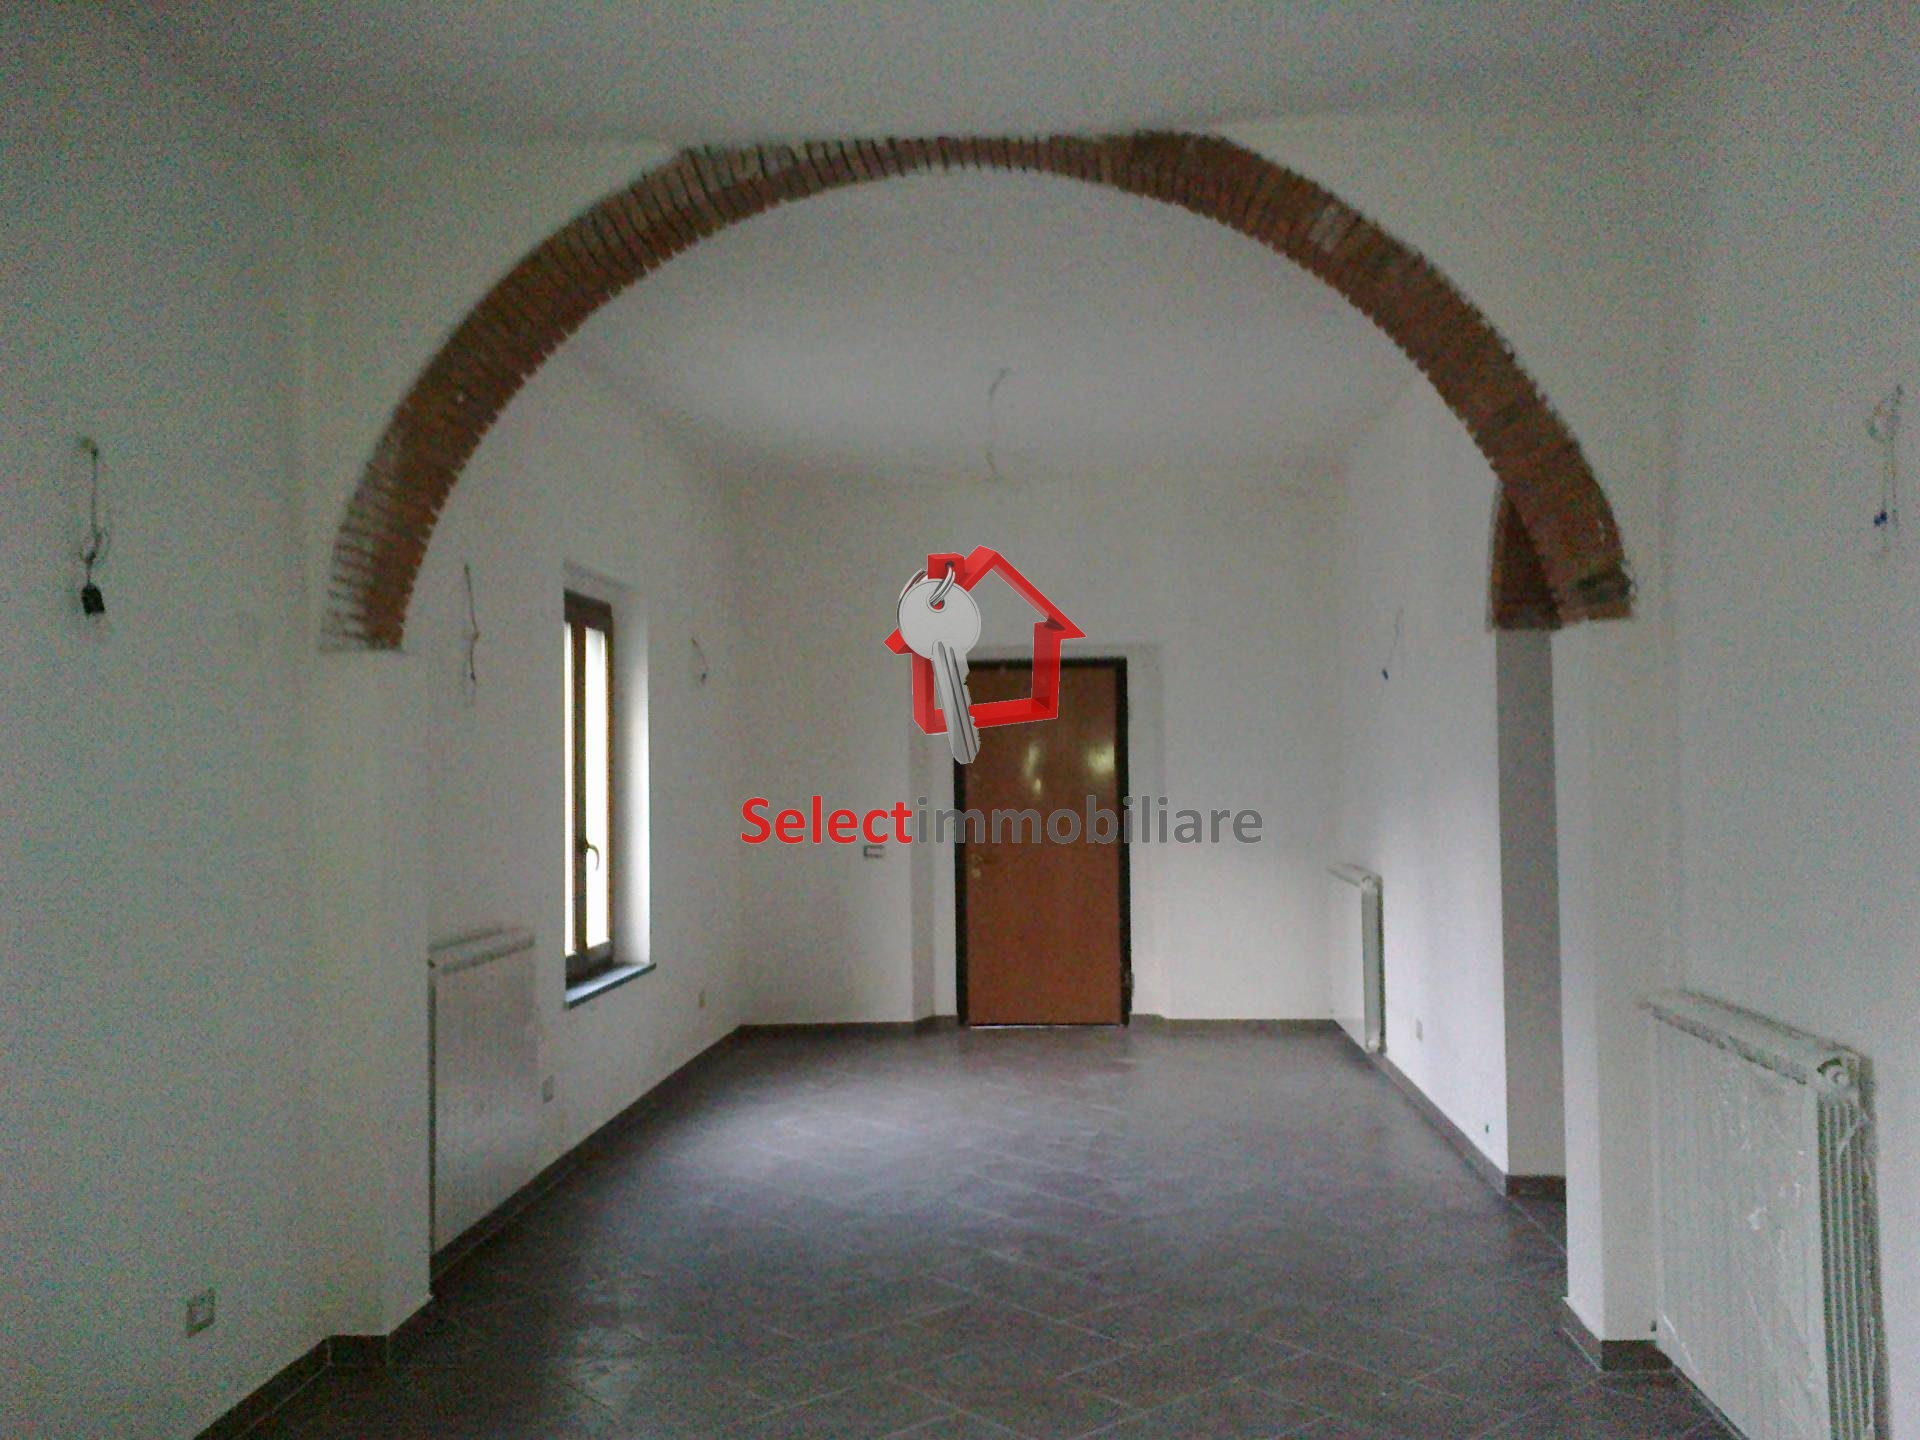 Negozio / Locale in vendita a Bagni di Lucca, 9999 locali, prezzo € 190.000 | Cambio Casa.it